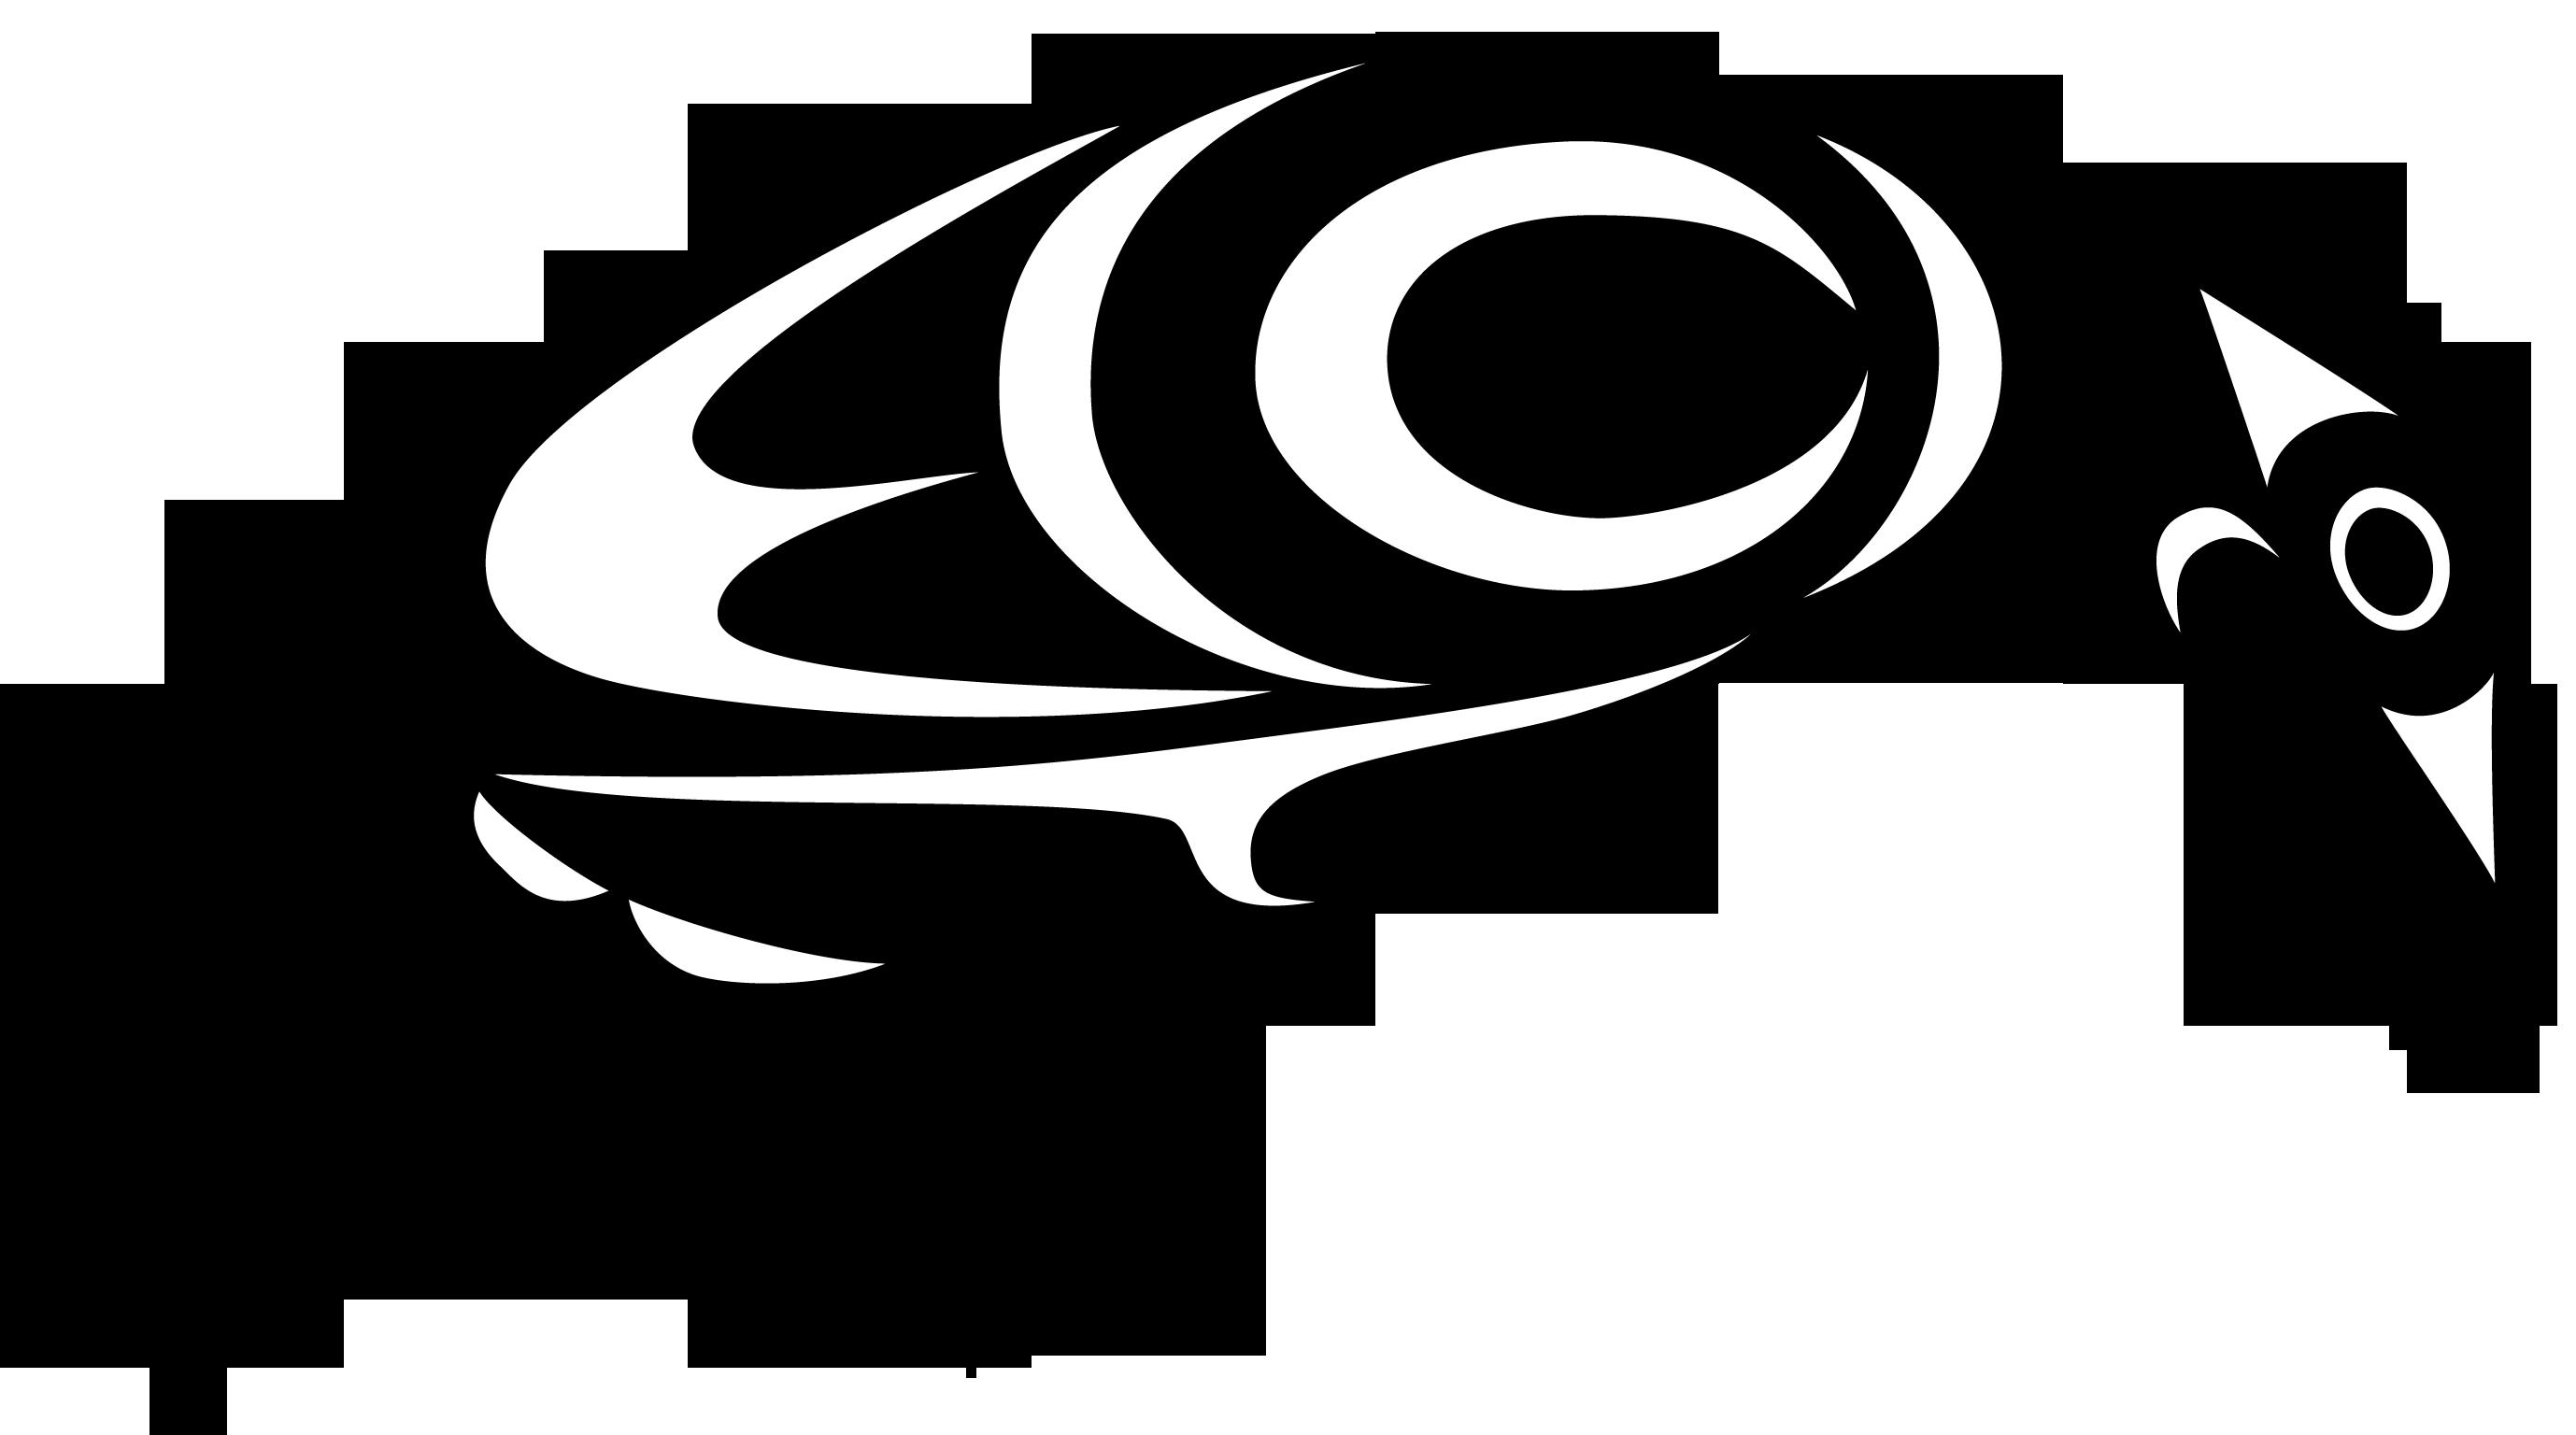 crow-quleeqe